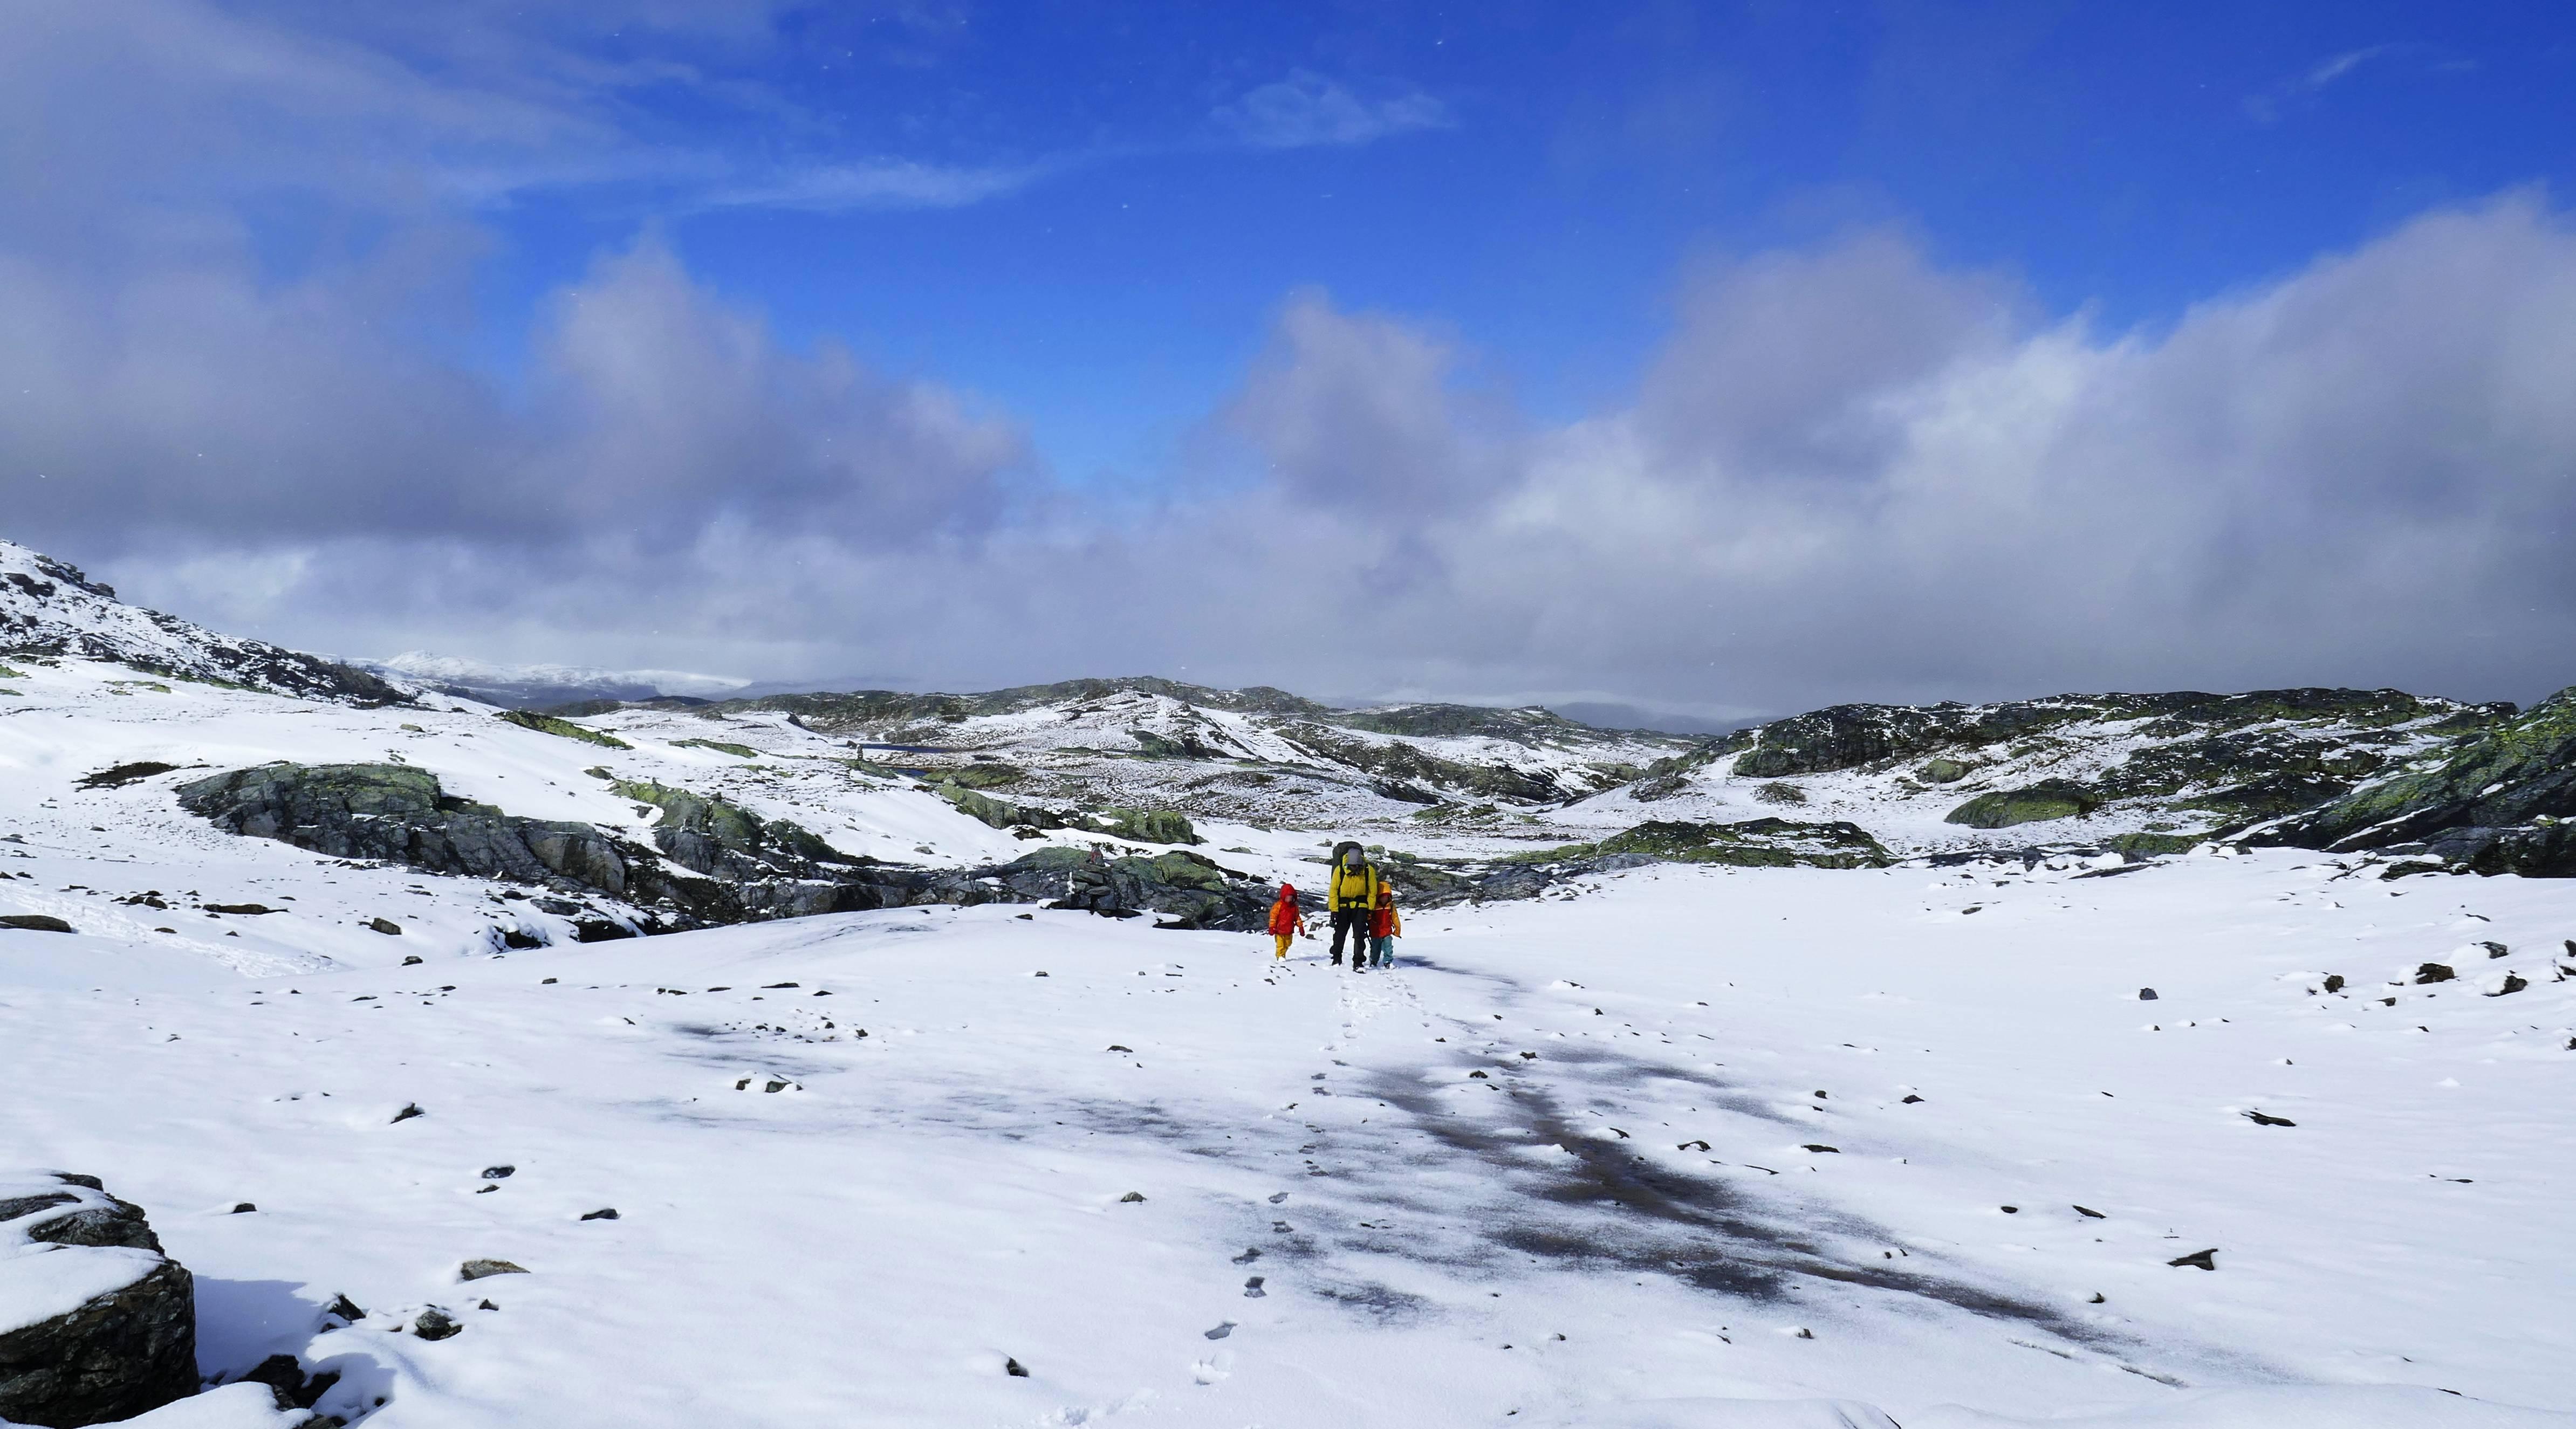 Kinder wandern durch den Schnee in Norwegen